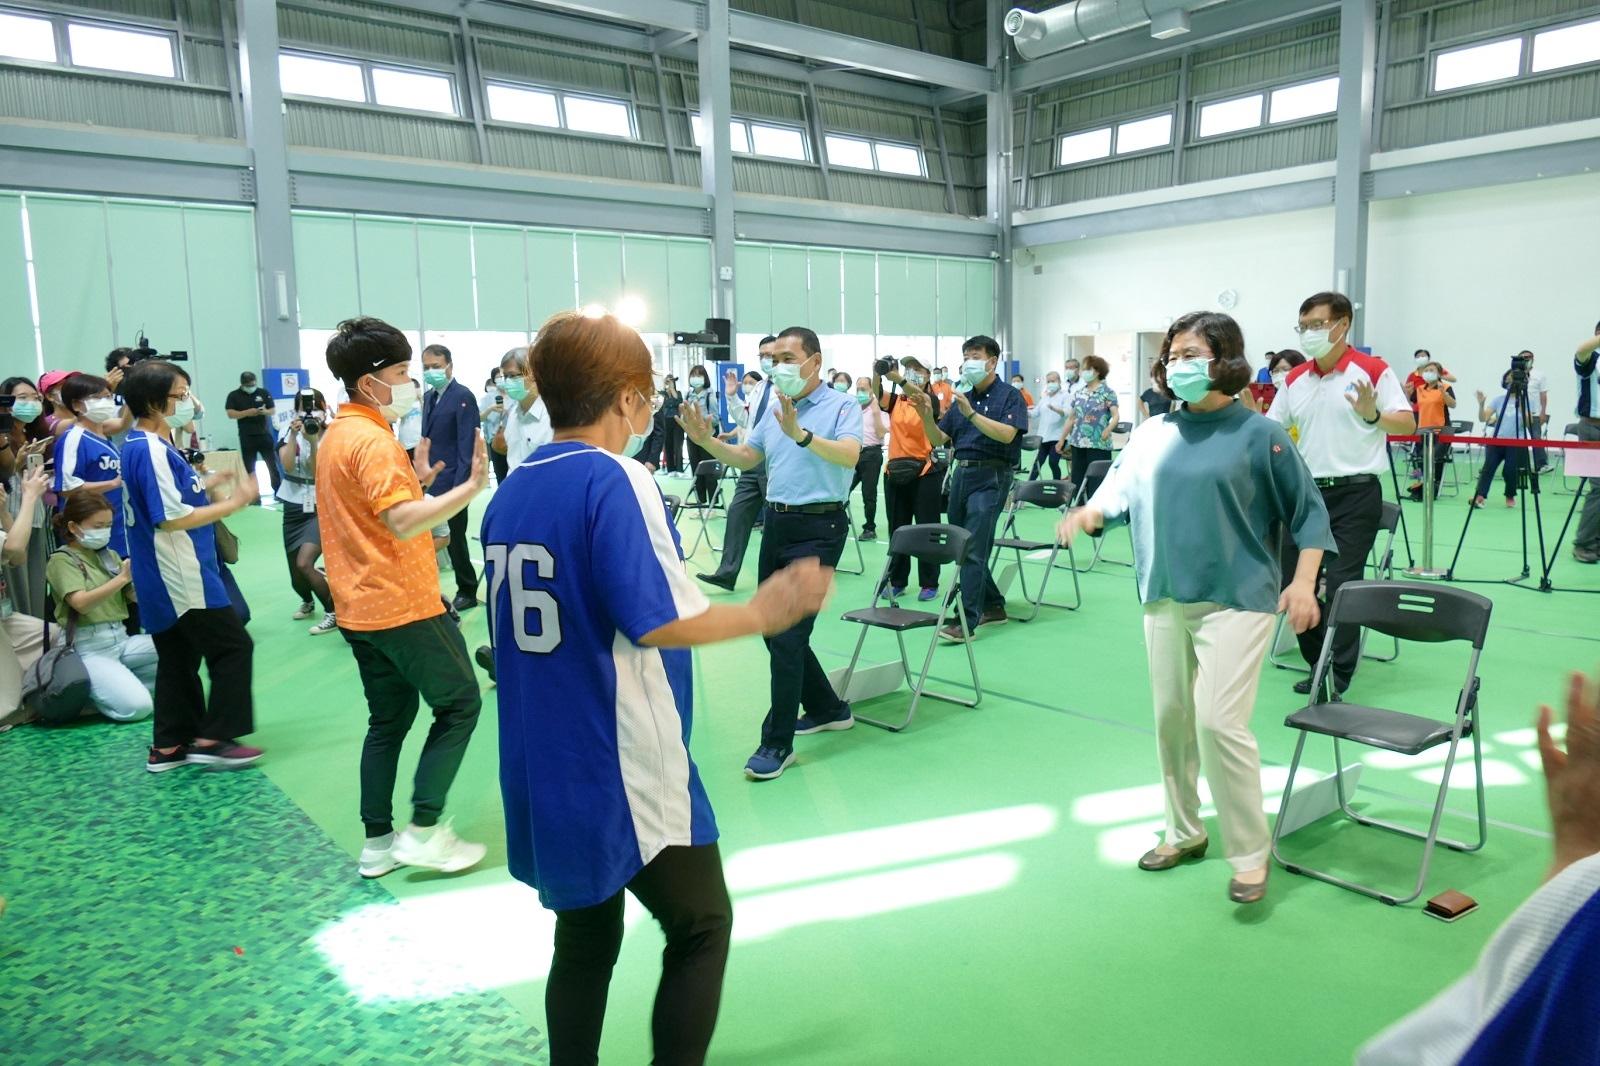 市長侯友宜在現場教練帶領下進行舒展運動。圖/新北市衛生局提供